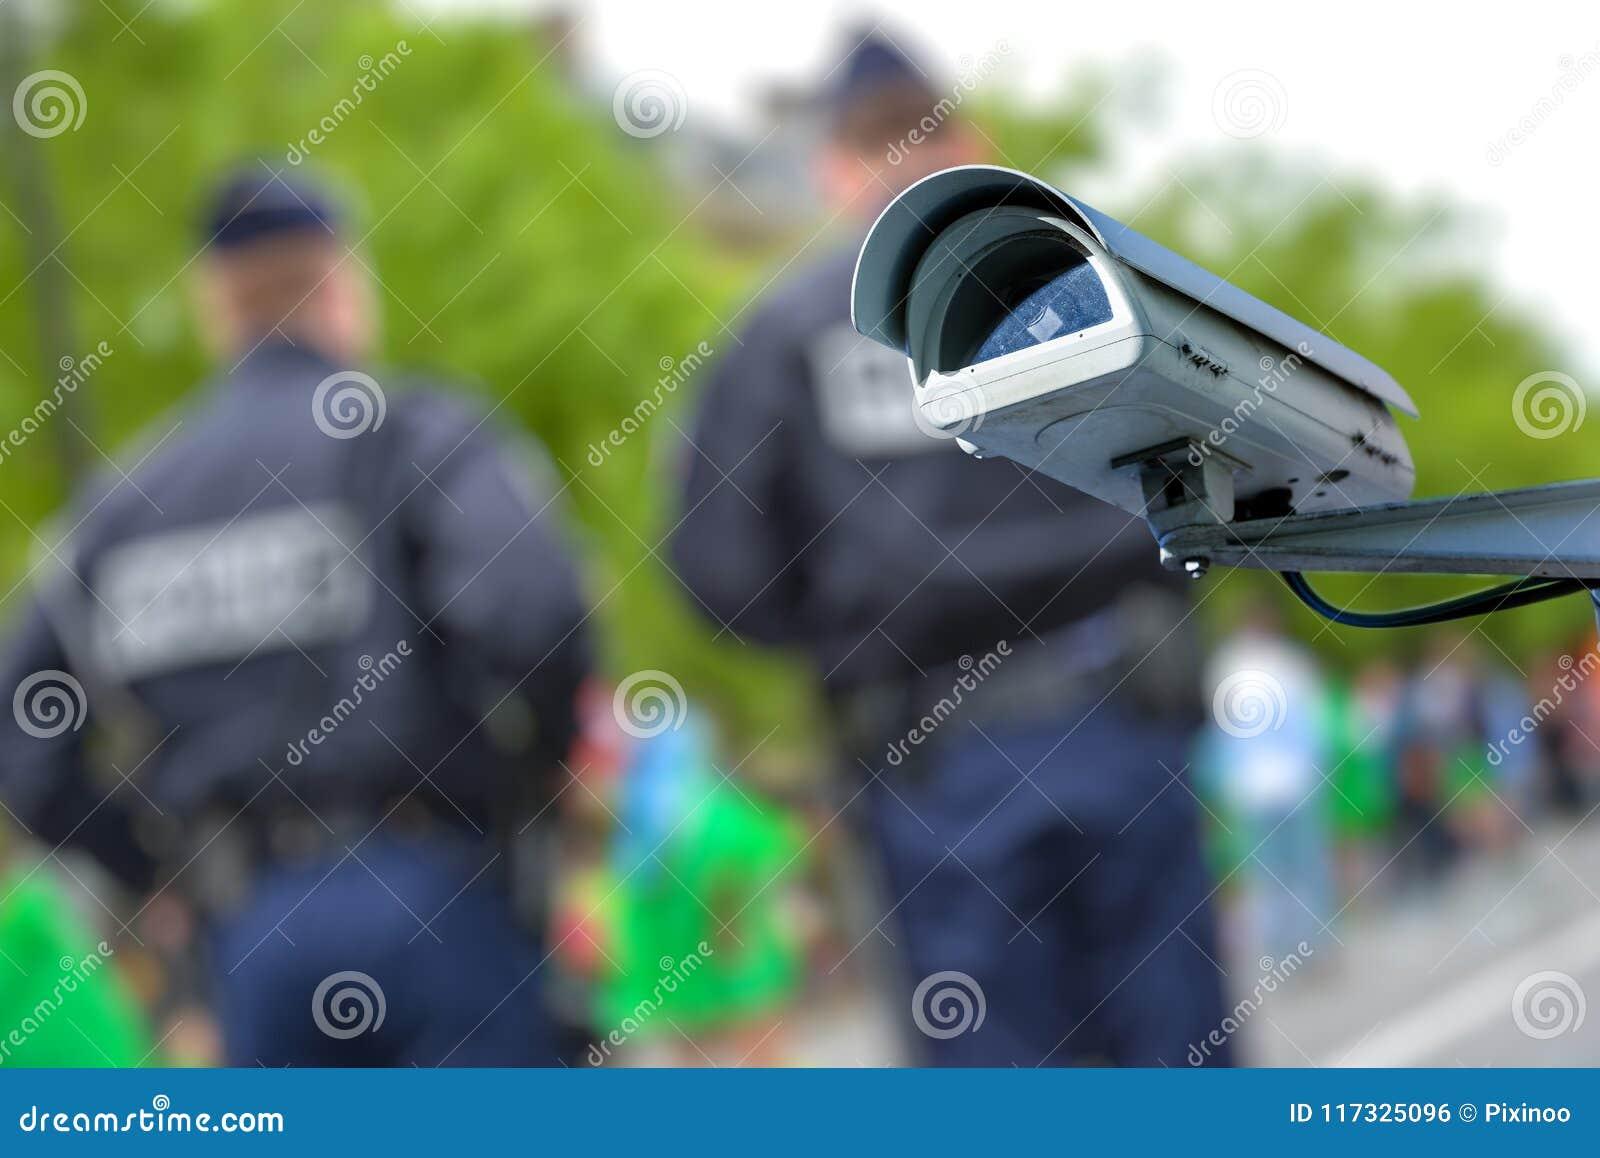 Appareil-photo de télévision en circuit fermé de sécurité ou système de surveillance avec des policiers sur le fond trouble